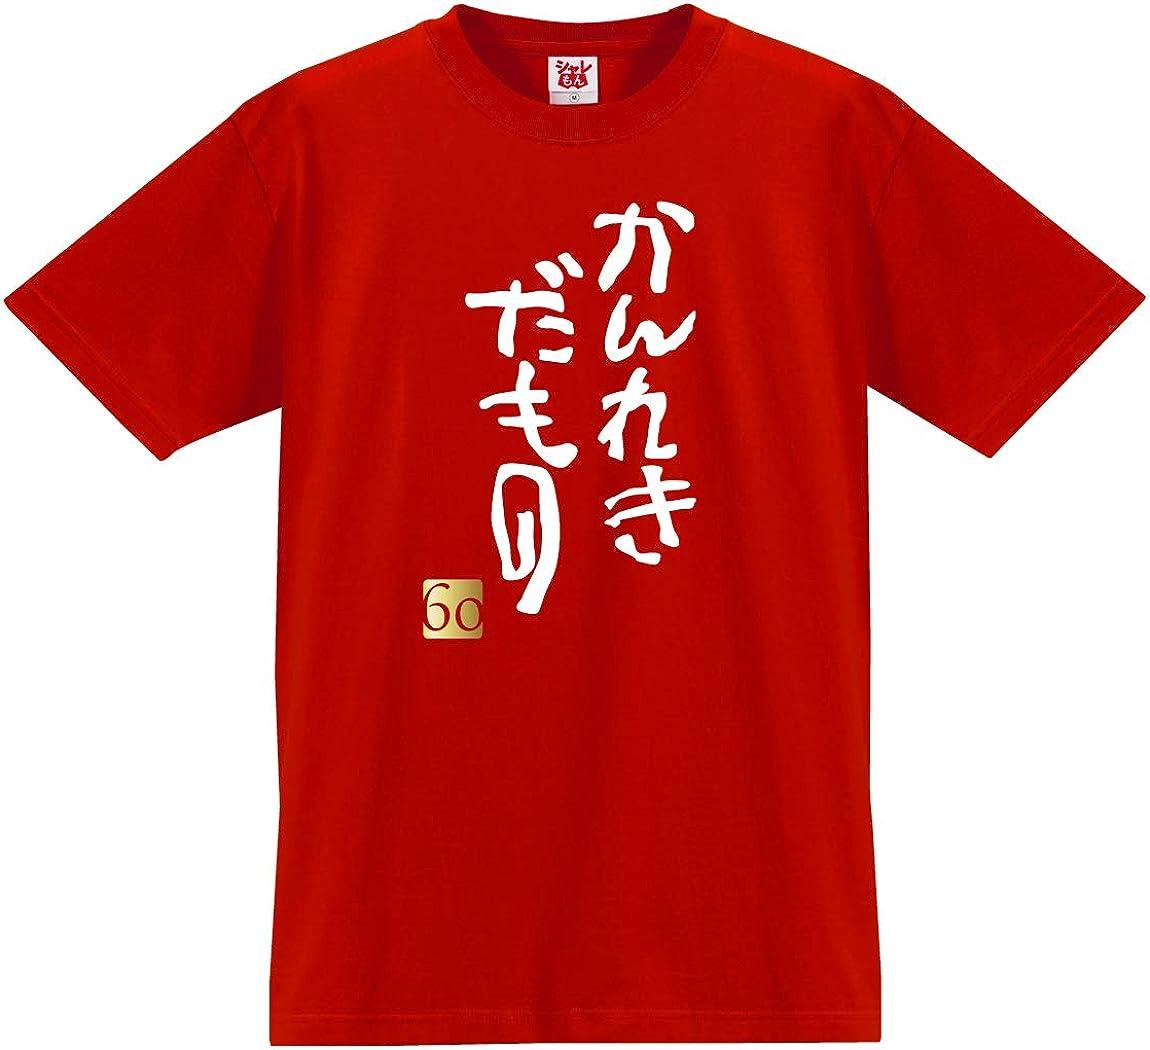 還暦祝い シャレもん Tシャツ かんれきだもの 赤 Amazon